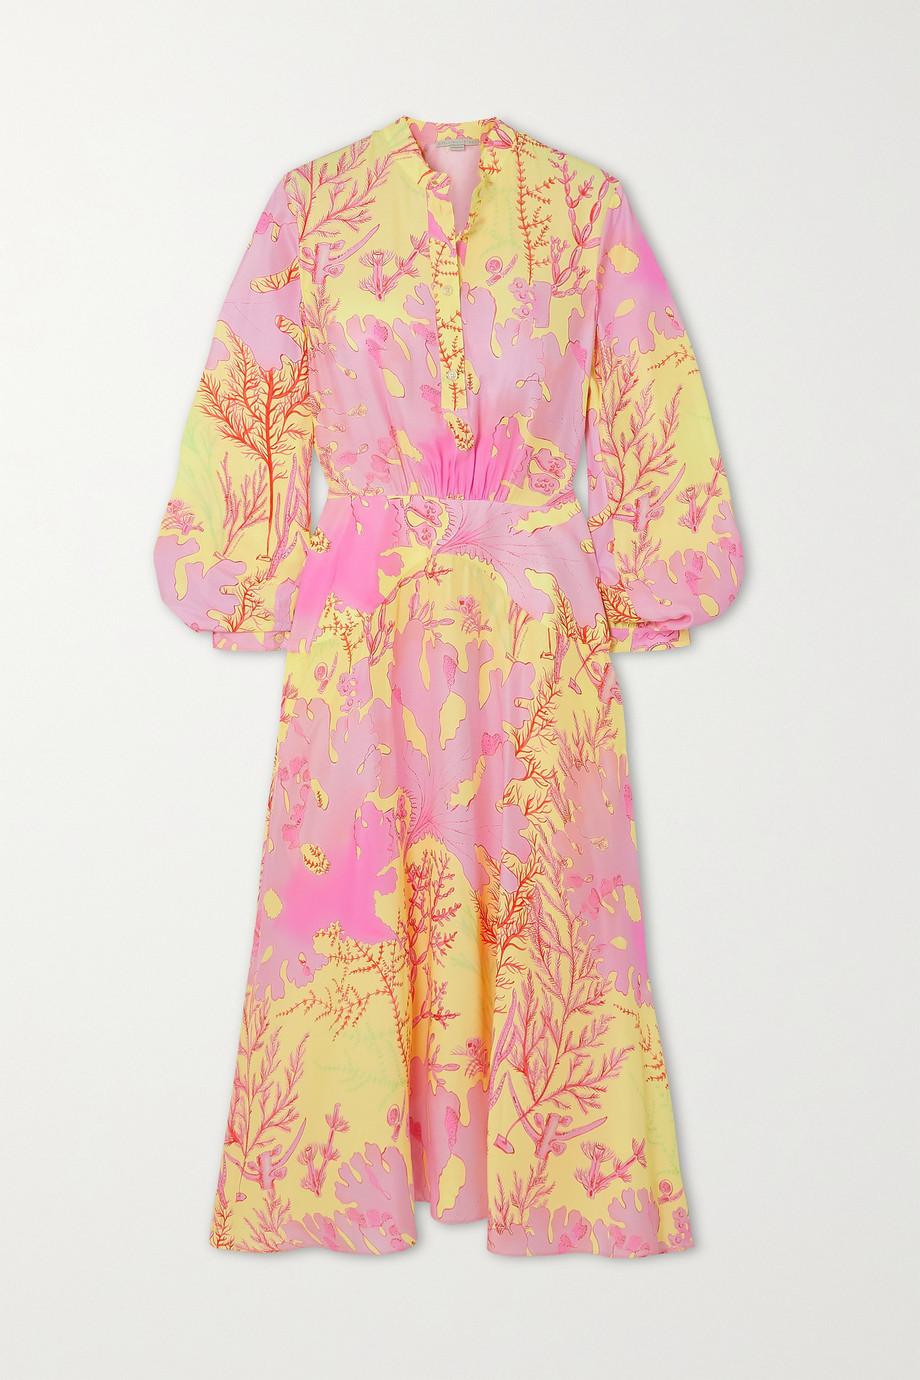 Stella McCartney Alyssa asymmetrisches Kleid aus bedruckter Seide